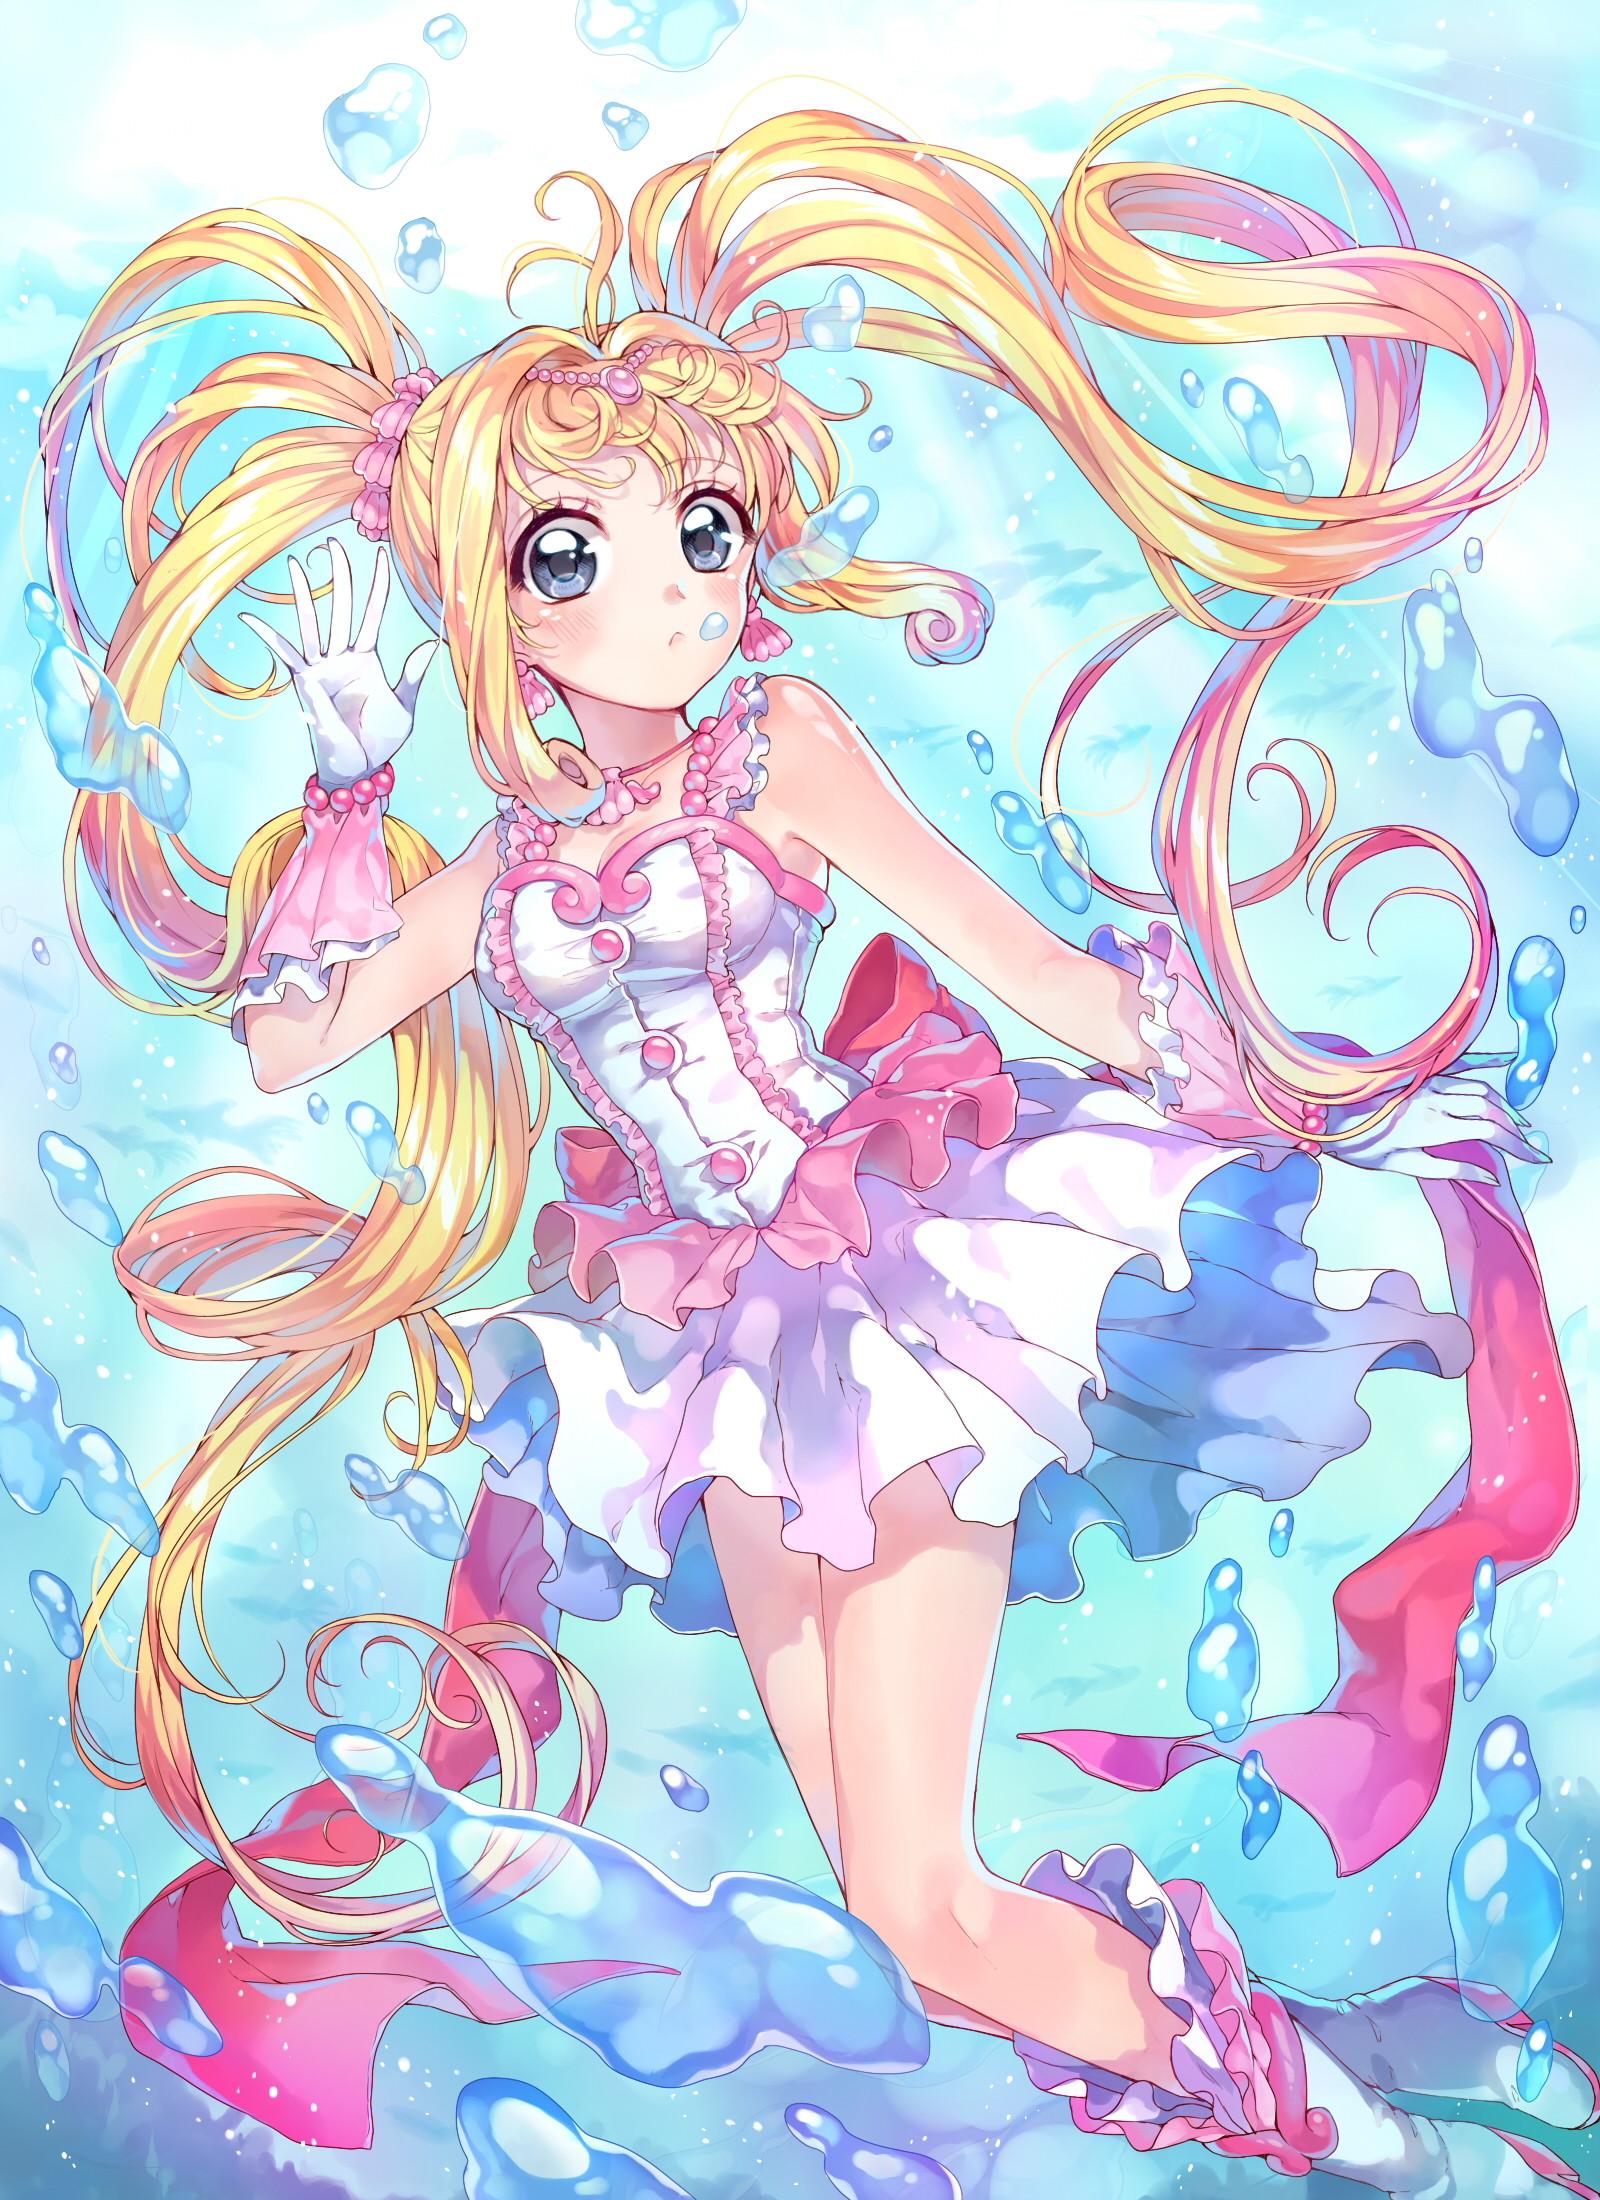 Mermaid Melody Wallpaper Wallpapertag Images, Photos, Reviews